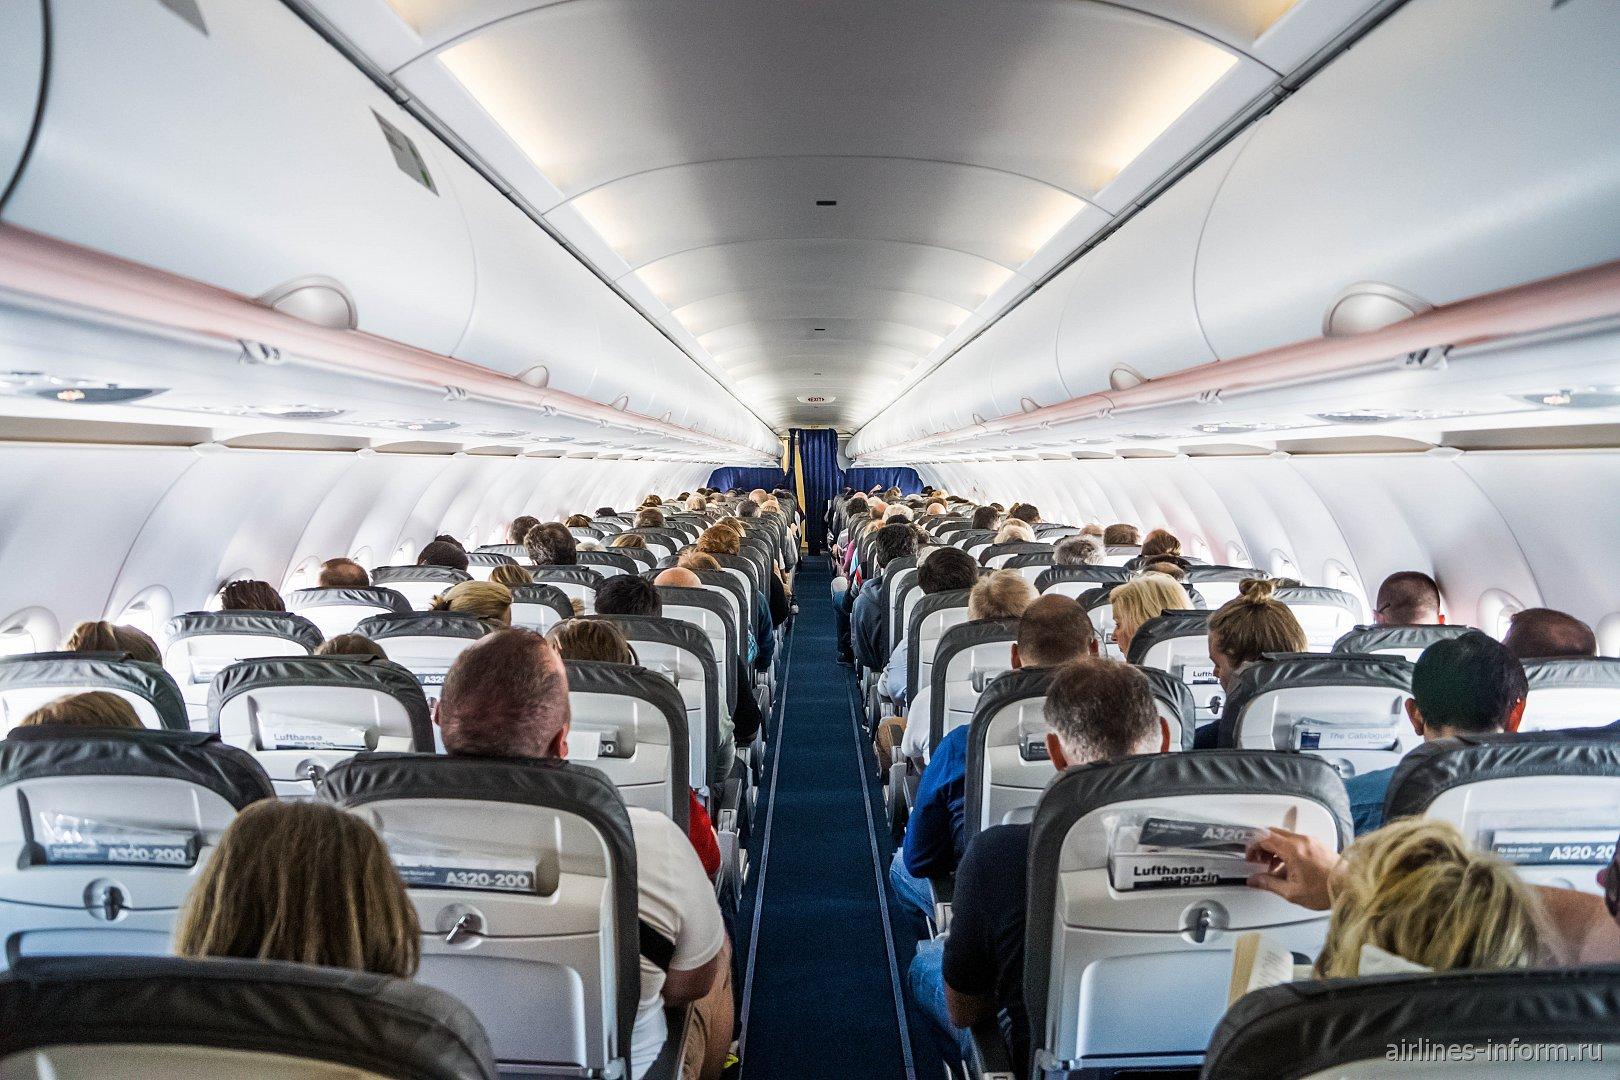 ������������ ����� �������� Airbus A320 ������������ Lufthansa